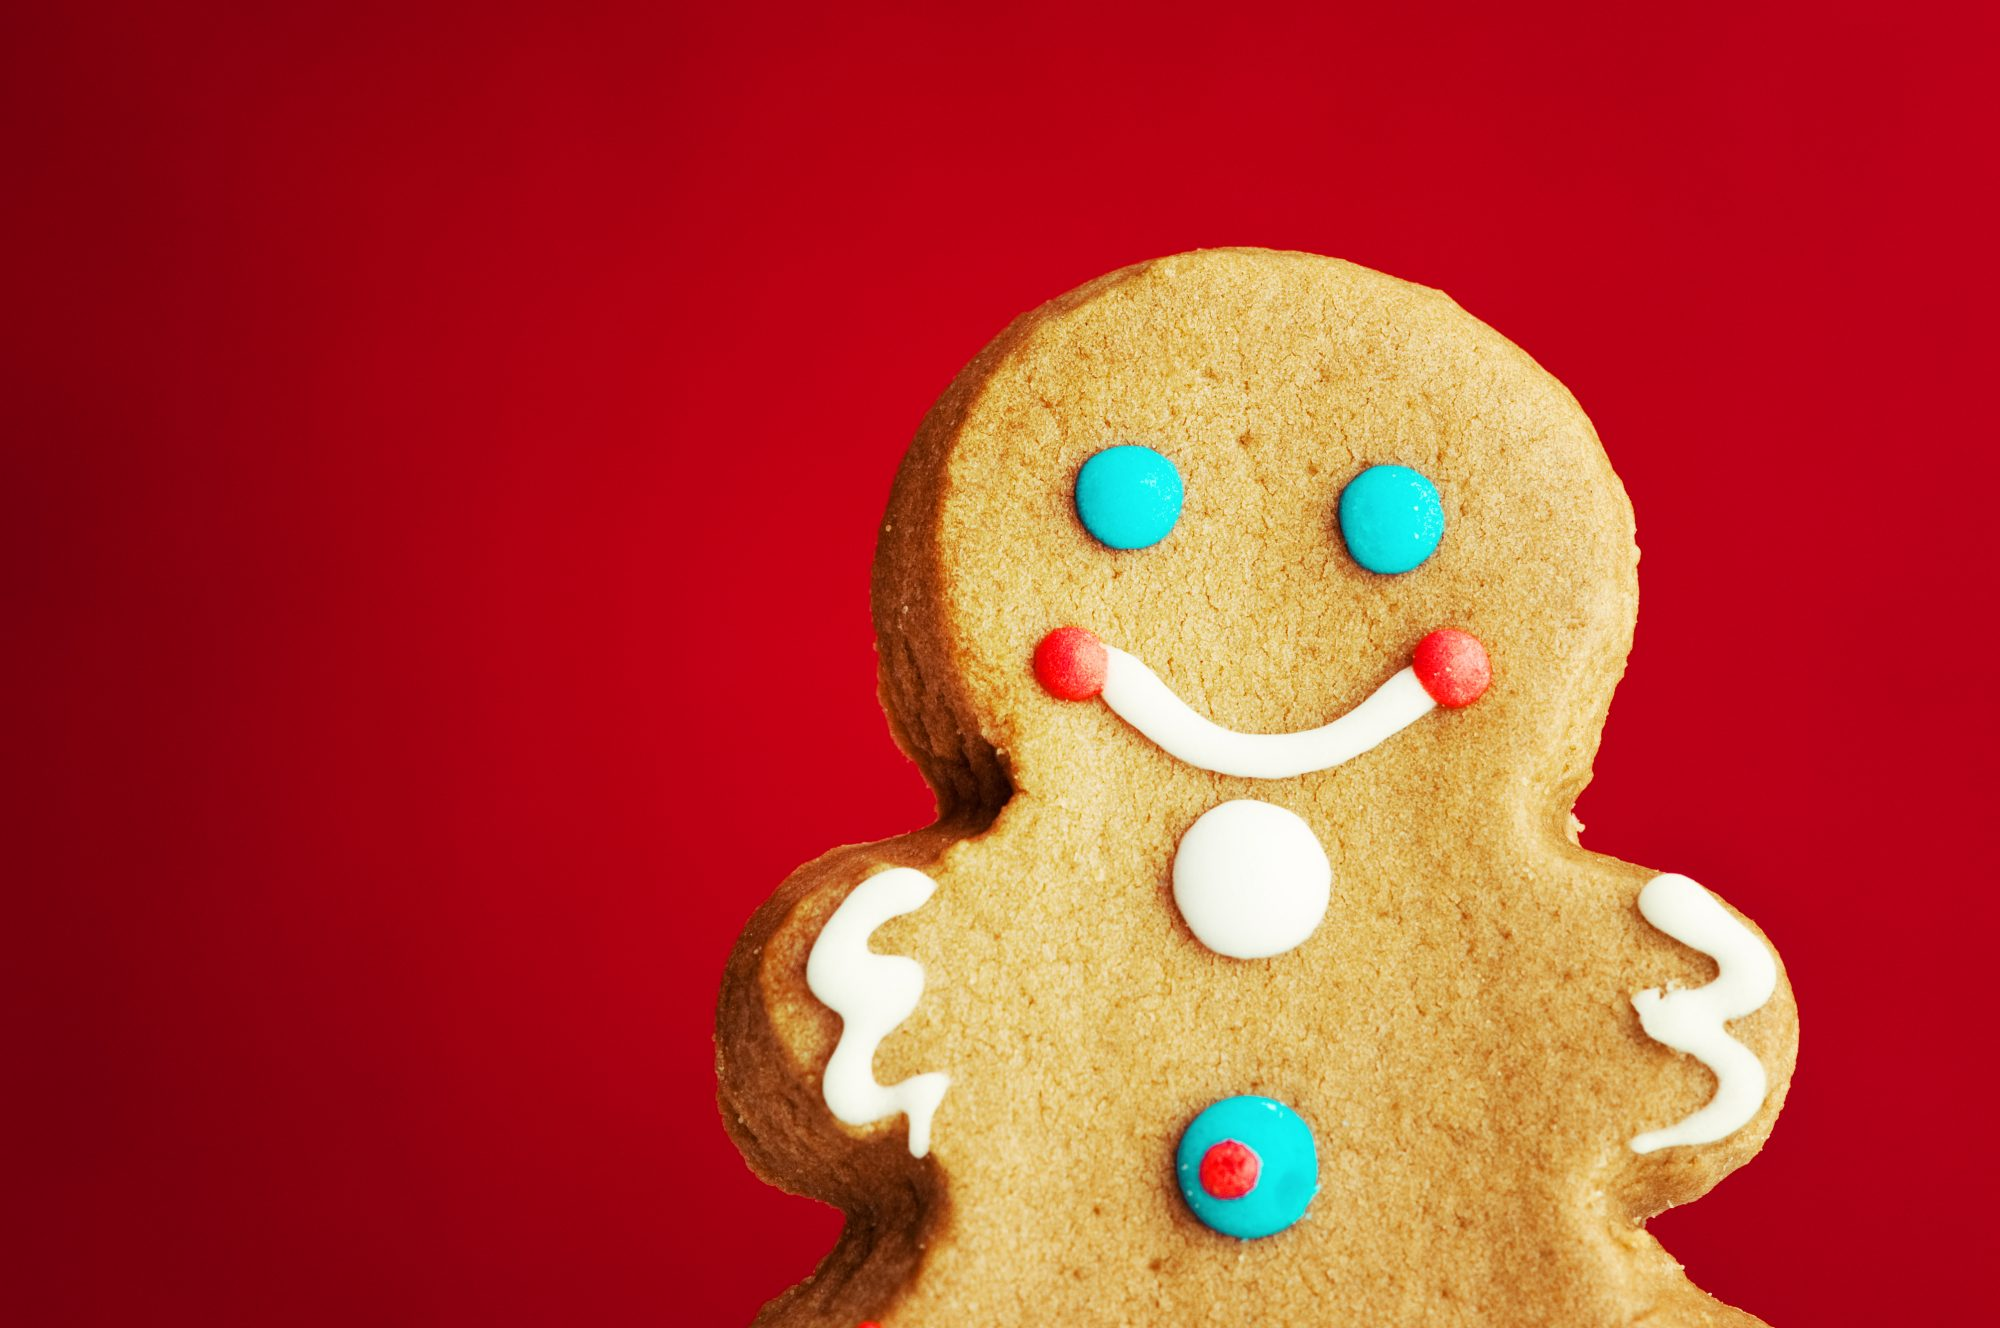 Gingerbread Man Getty 11/12/19